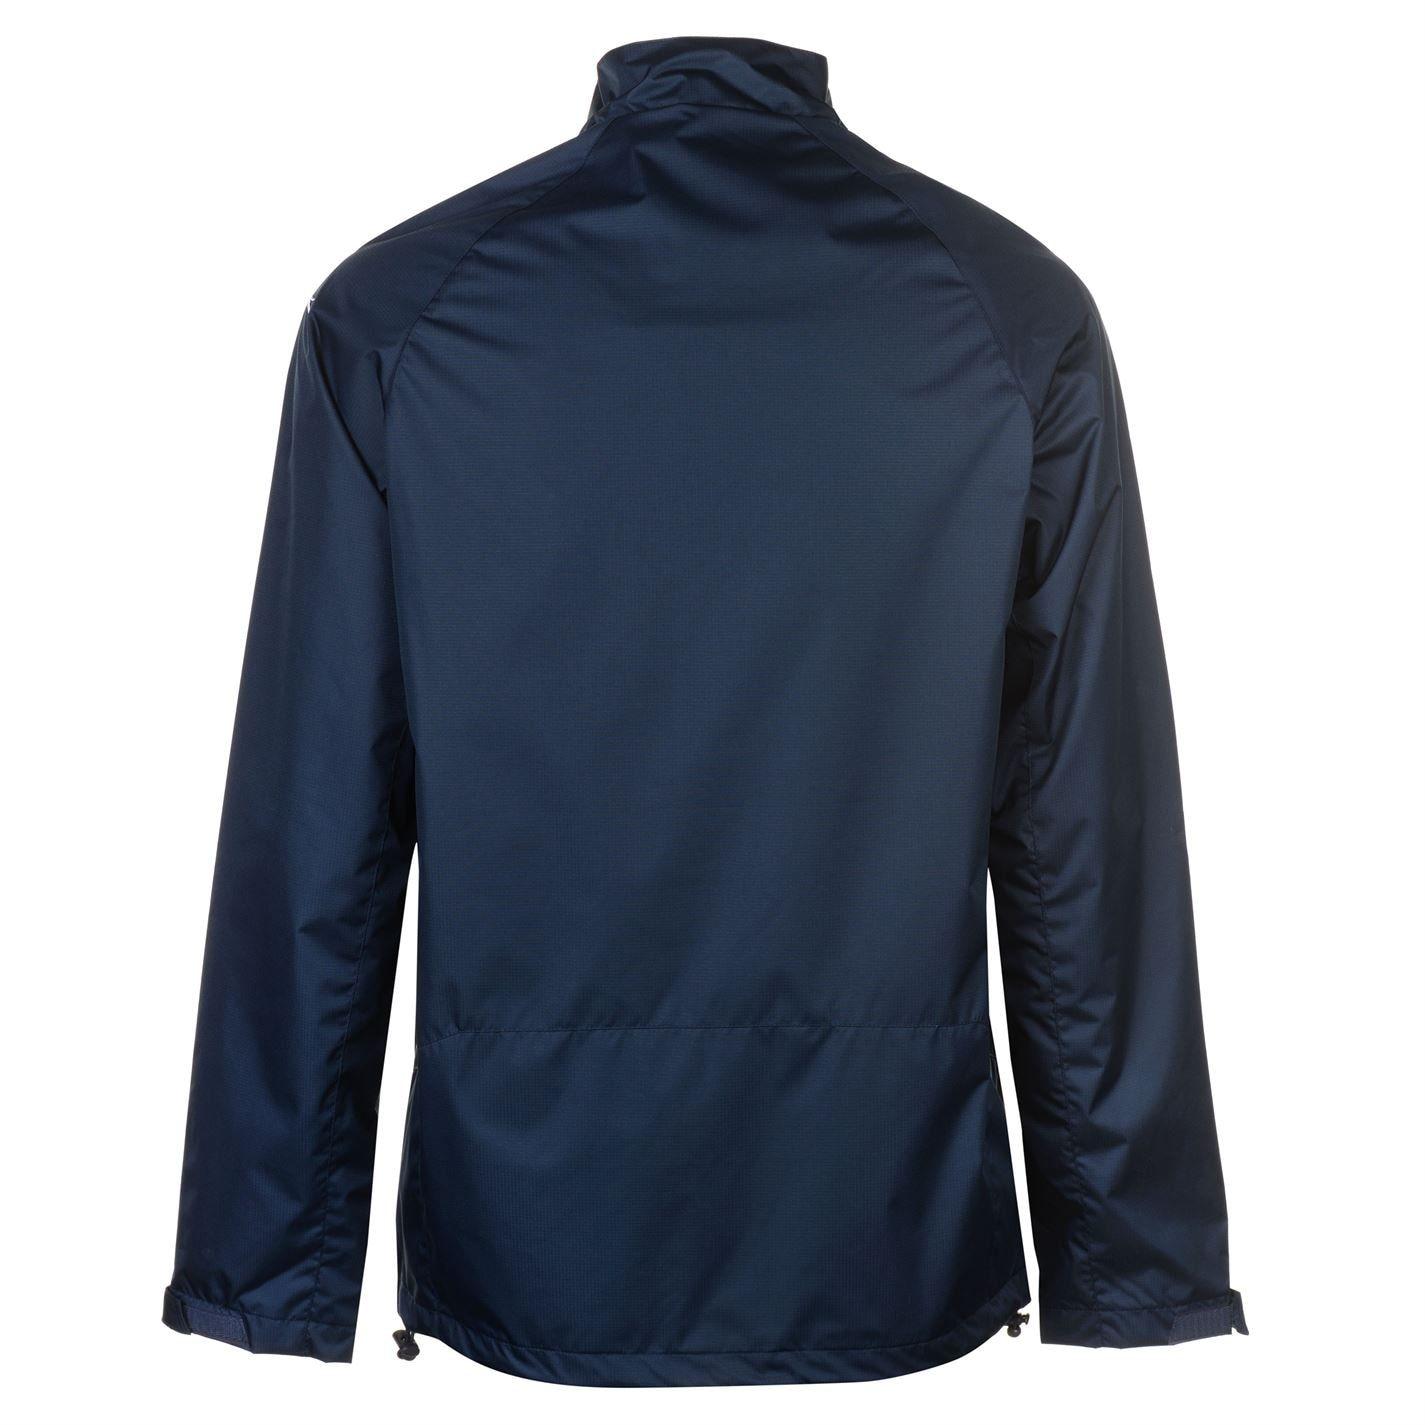 Slazenger Mens Water Resistant Jacket Waterproof Full Zip Long Sleeve Tops